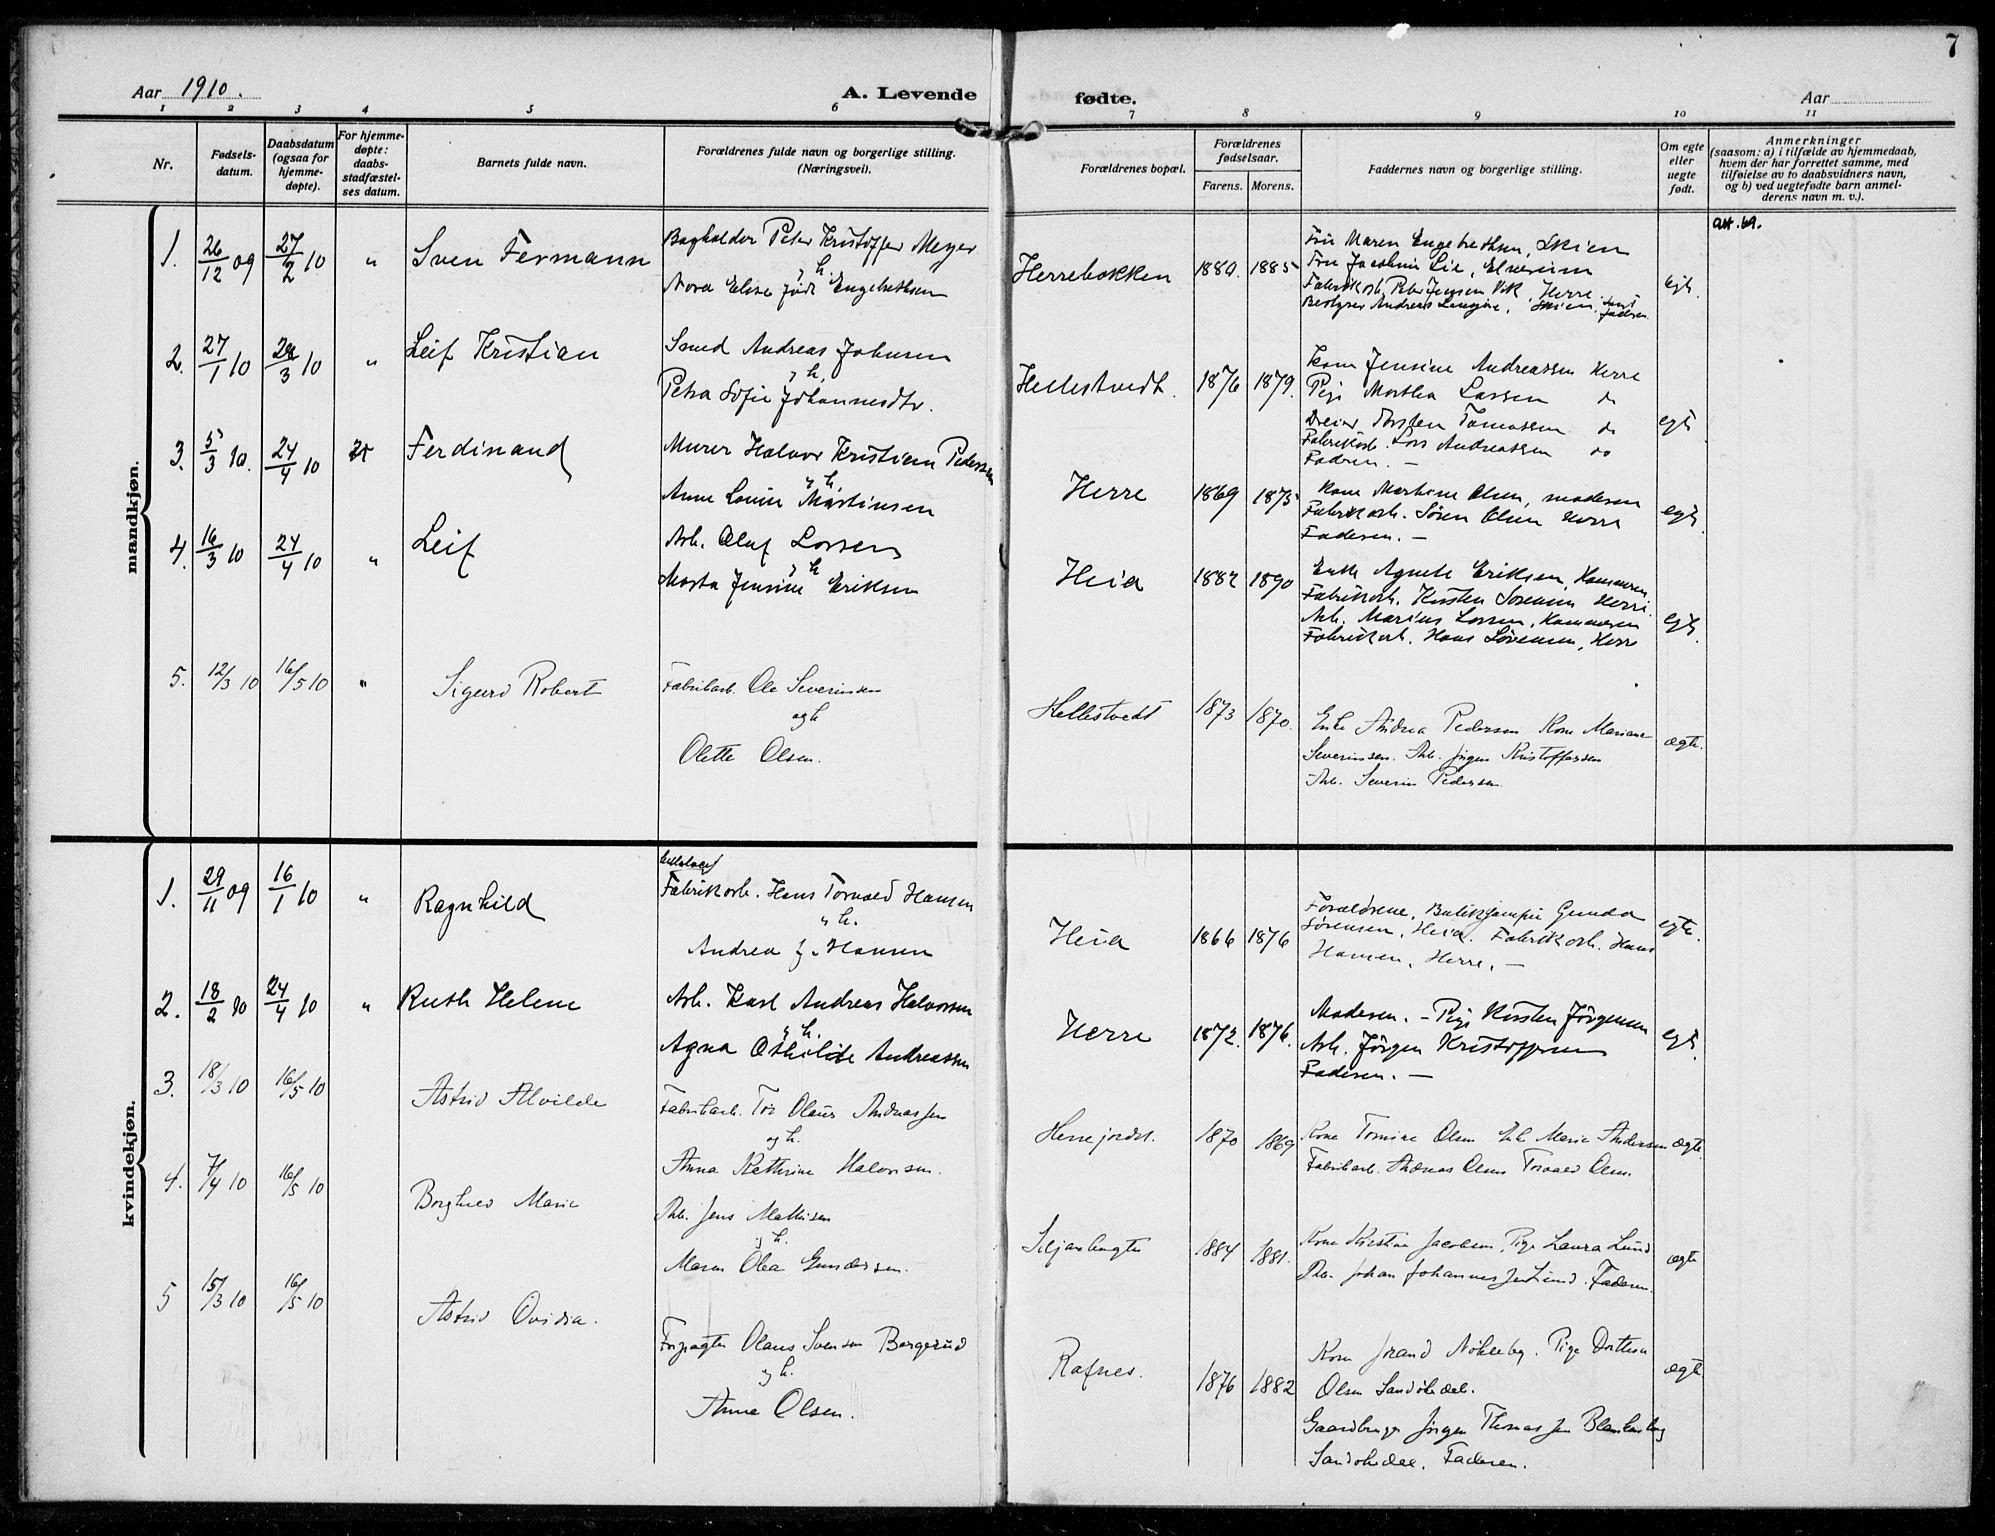 SAKO, Bamble kirkebøker, F/Fc/L0001: Ministerialbok nr. III 1, 1909-1916, s. 7